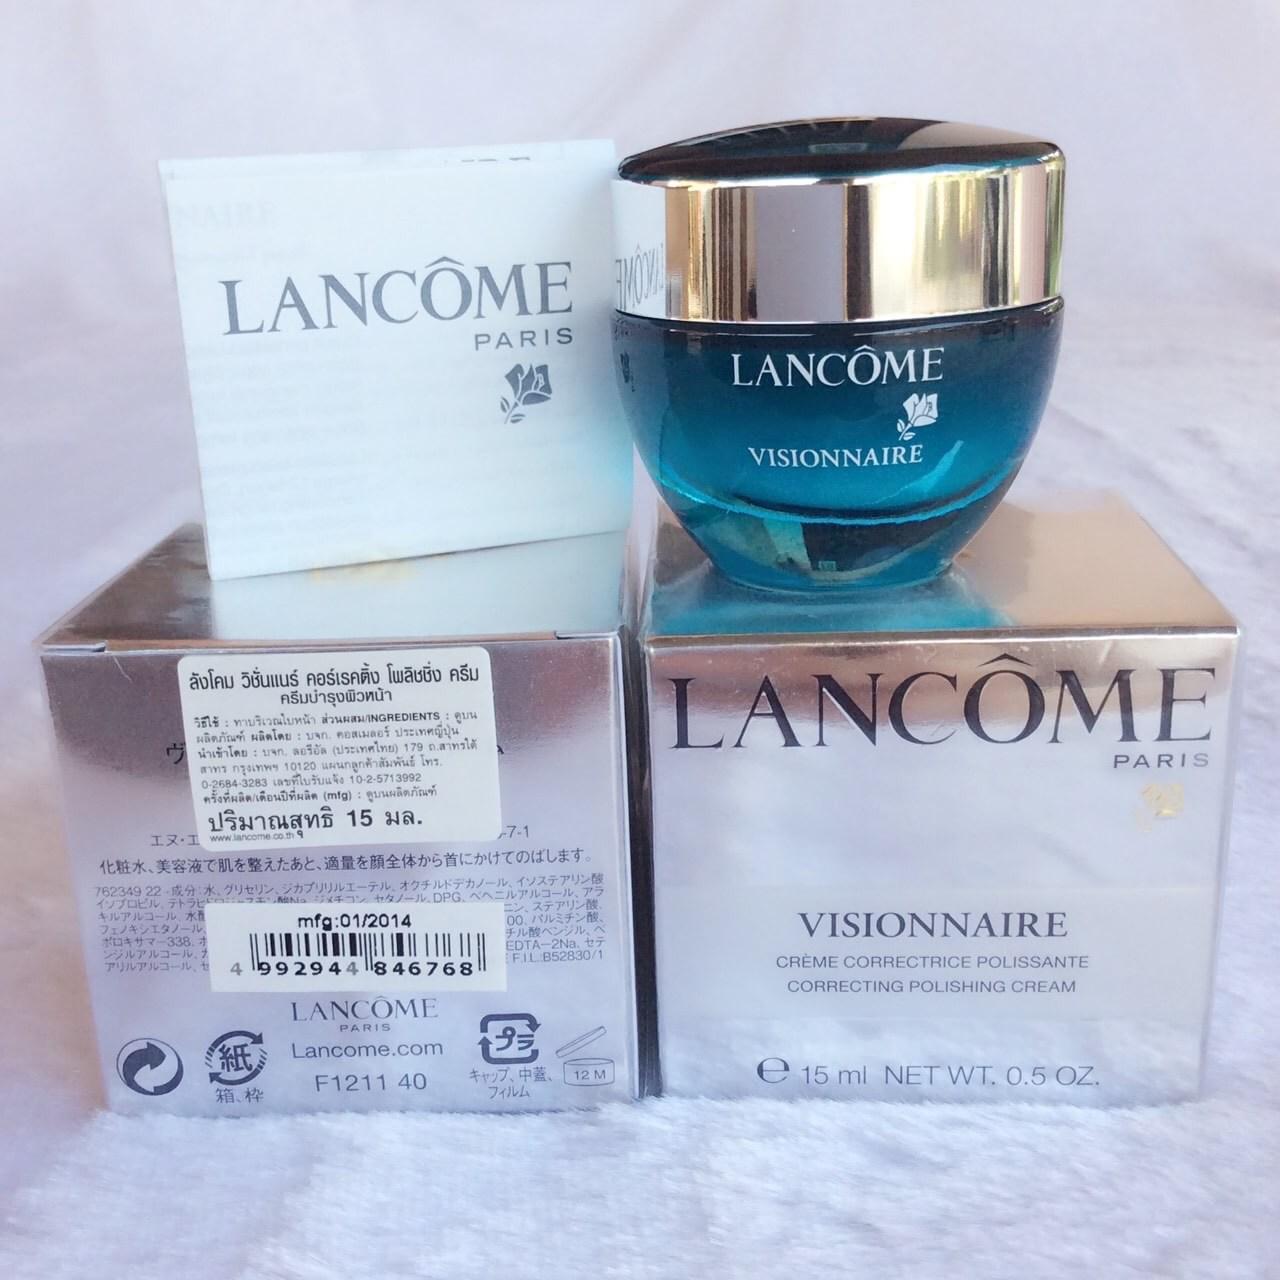 (Tester) Lancome Visionnaire [LR 2412] Correcting Polishing Cream 15 mL ที่สุดแห่งประสิทธิภาพในการจัดการกับปัญหาผิวแห่งวัยในทุกมิติ